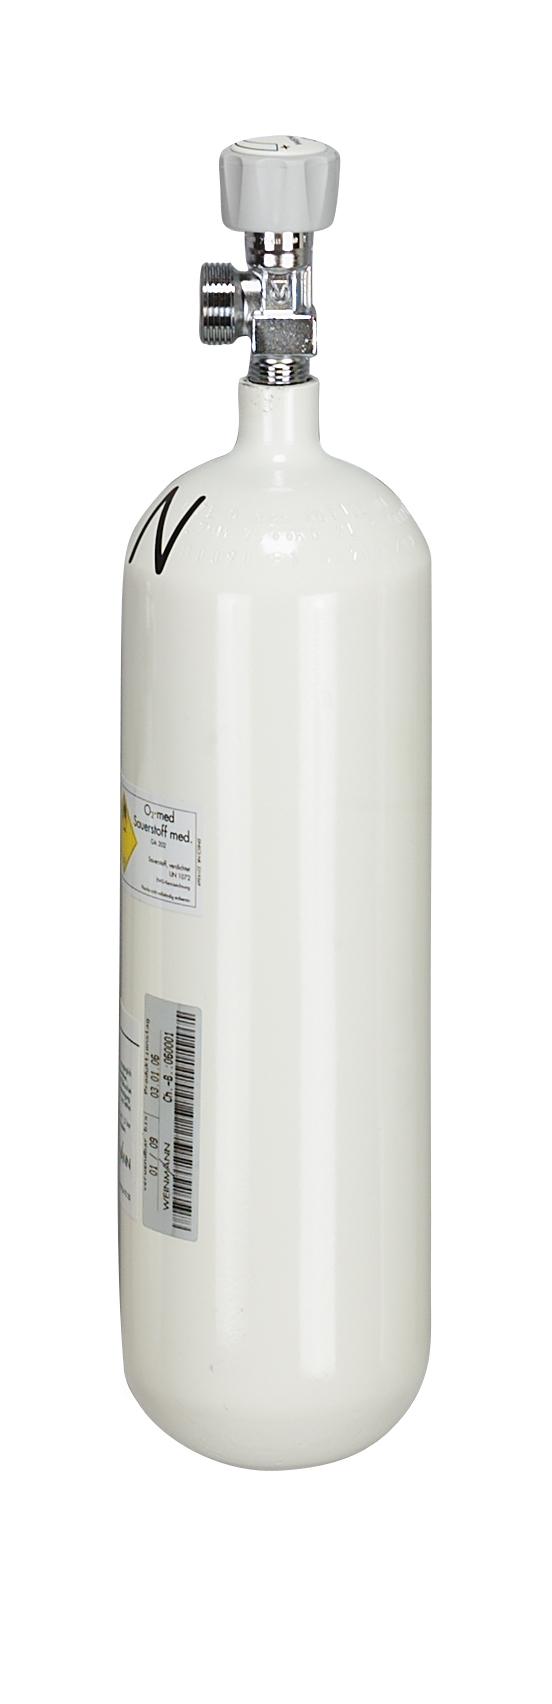 Sauerstoff-Flasche 2,0 Liter, gefüllt, G 3/4